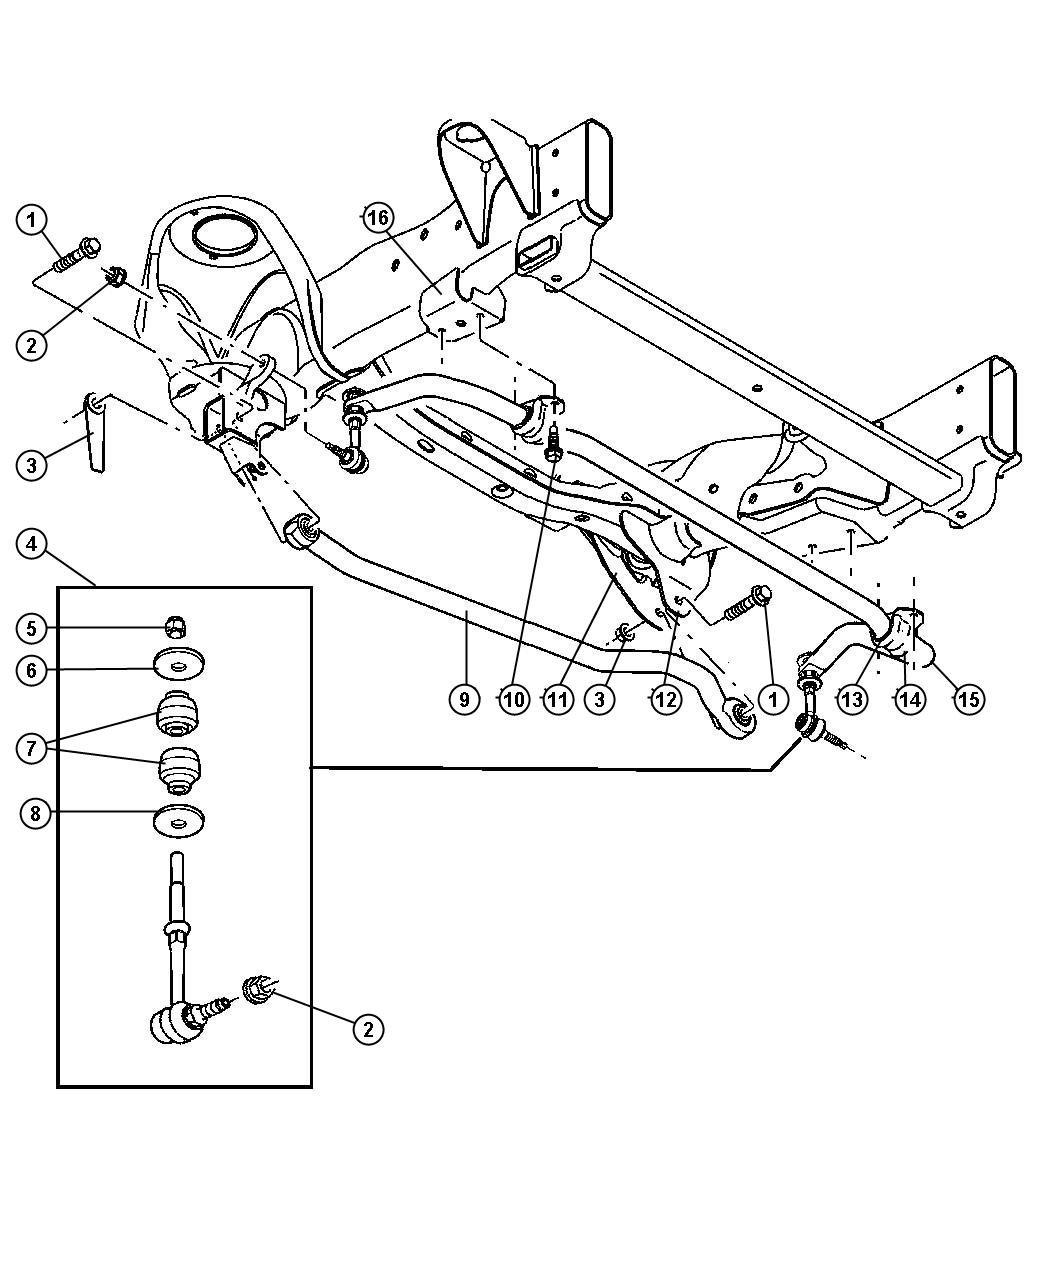 mopar 68001734ab sway bar link kit sway bars amazon canada ML320 Rear Stabilizer Bushing Diagram